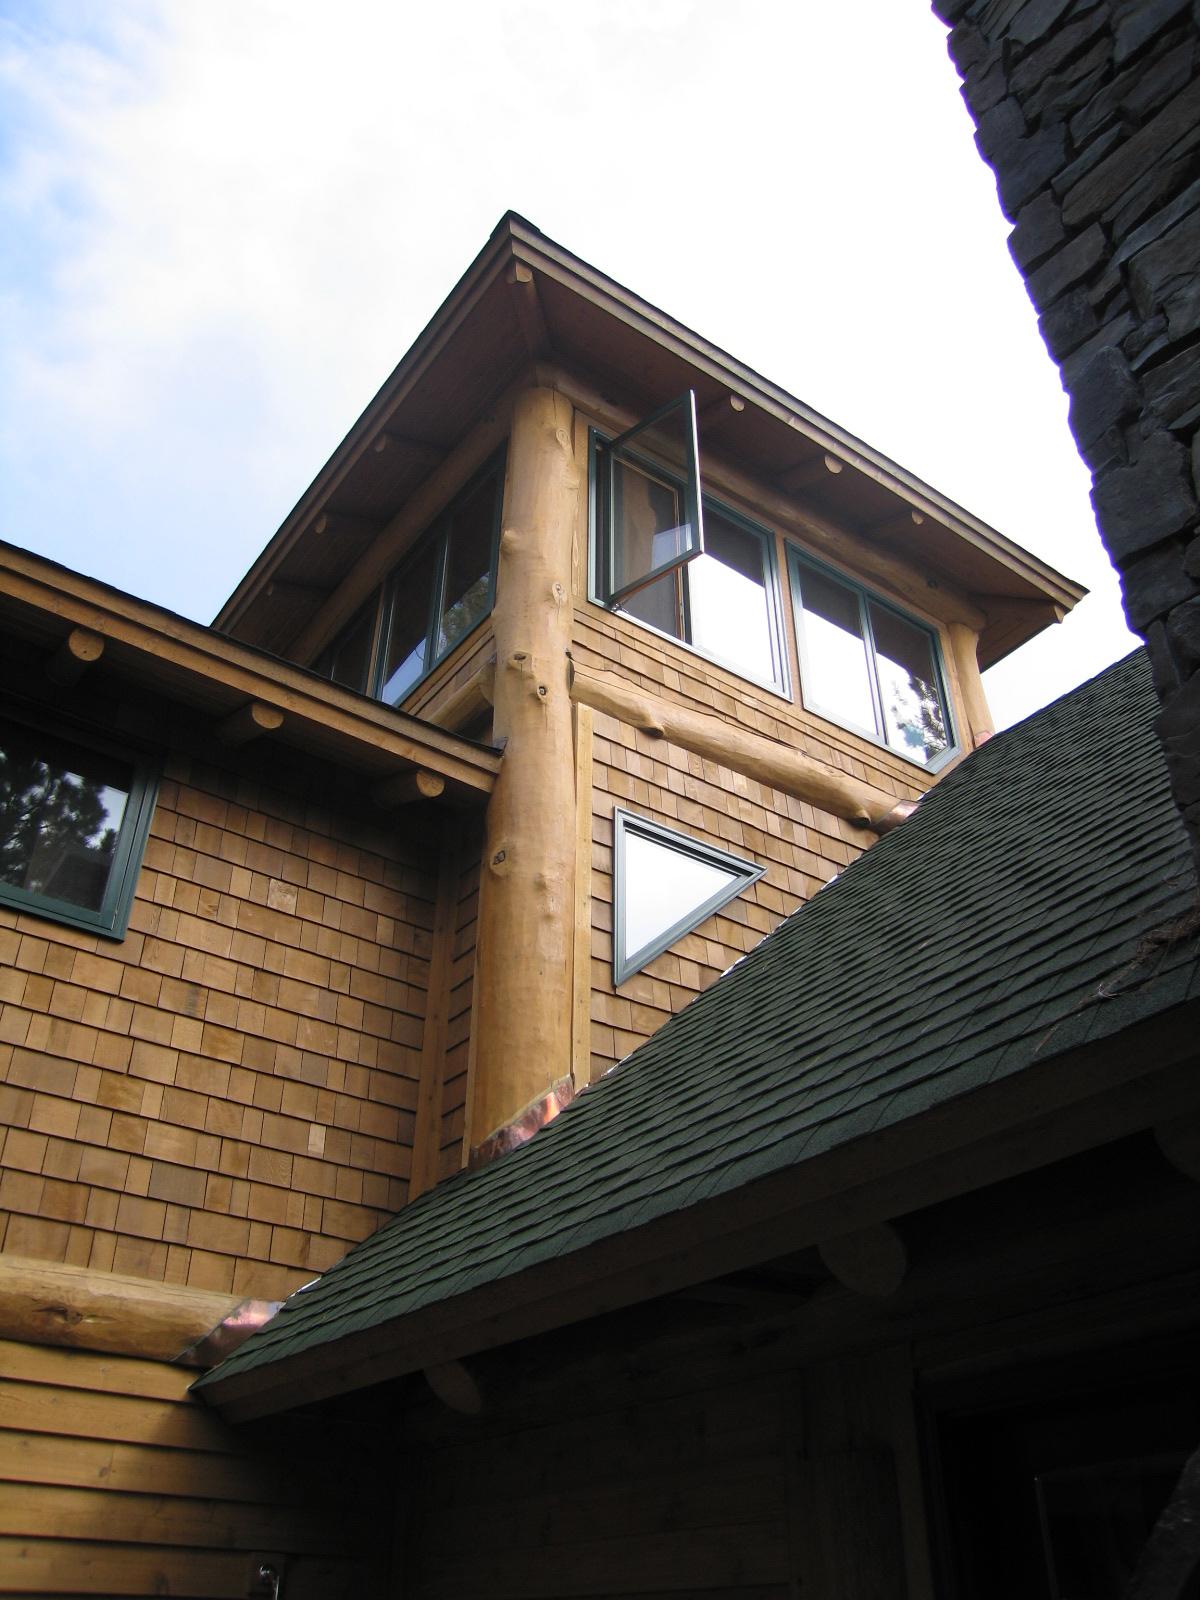 Tower Allows Light Log Cabin